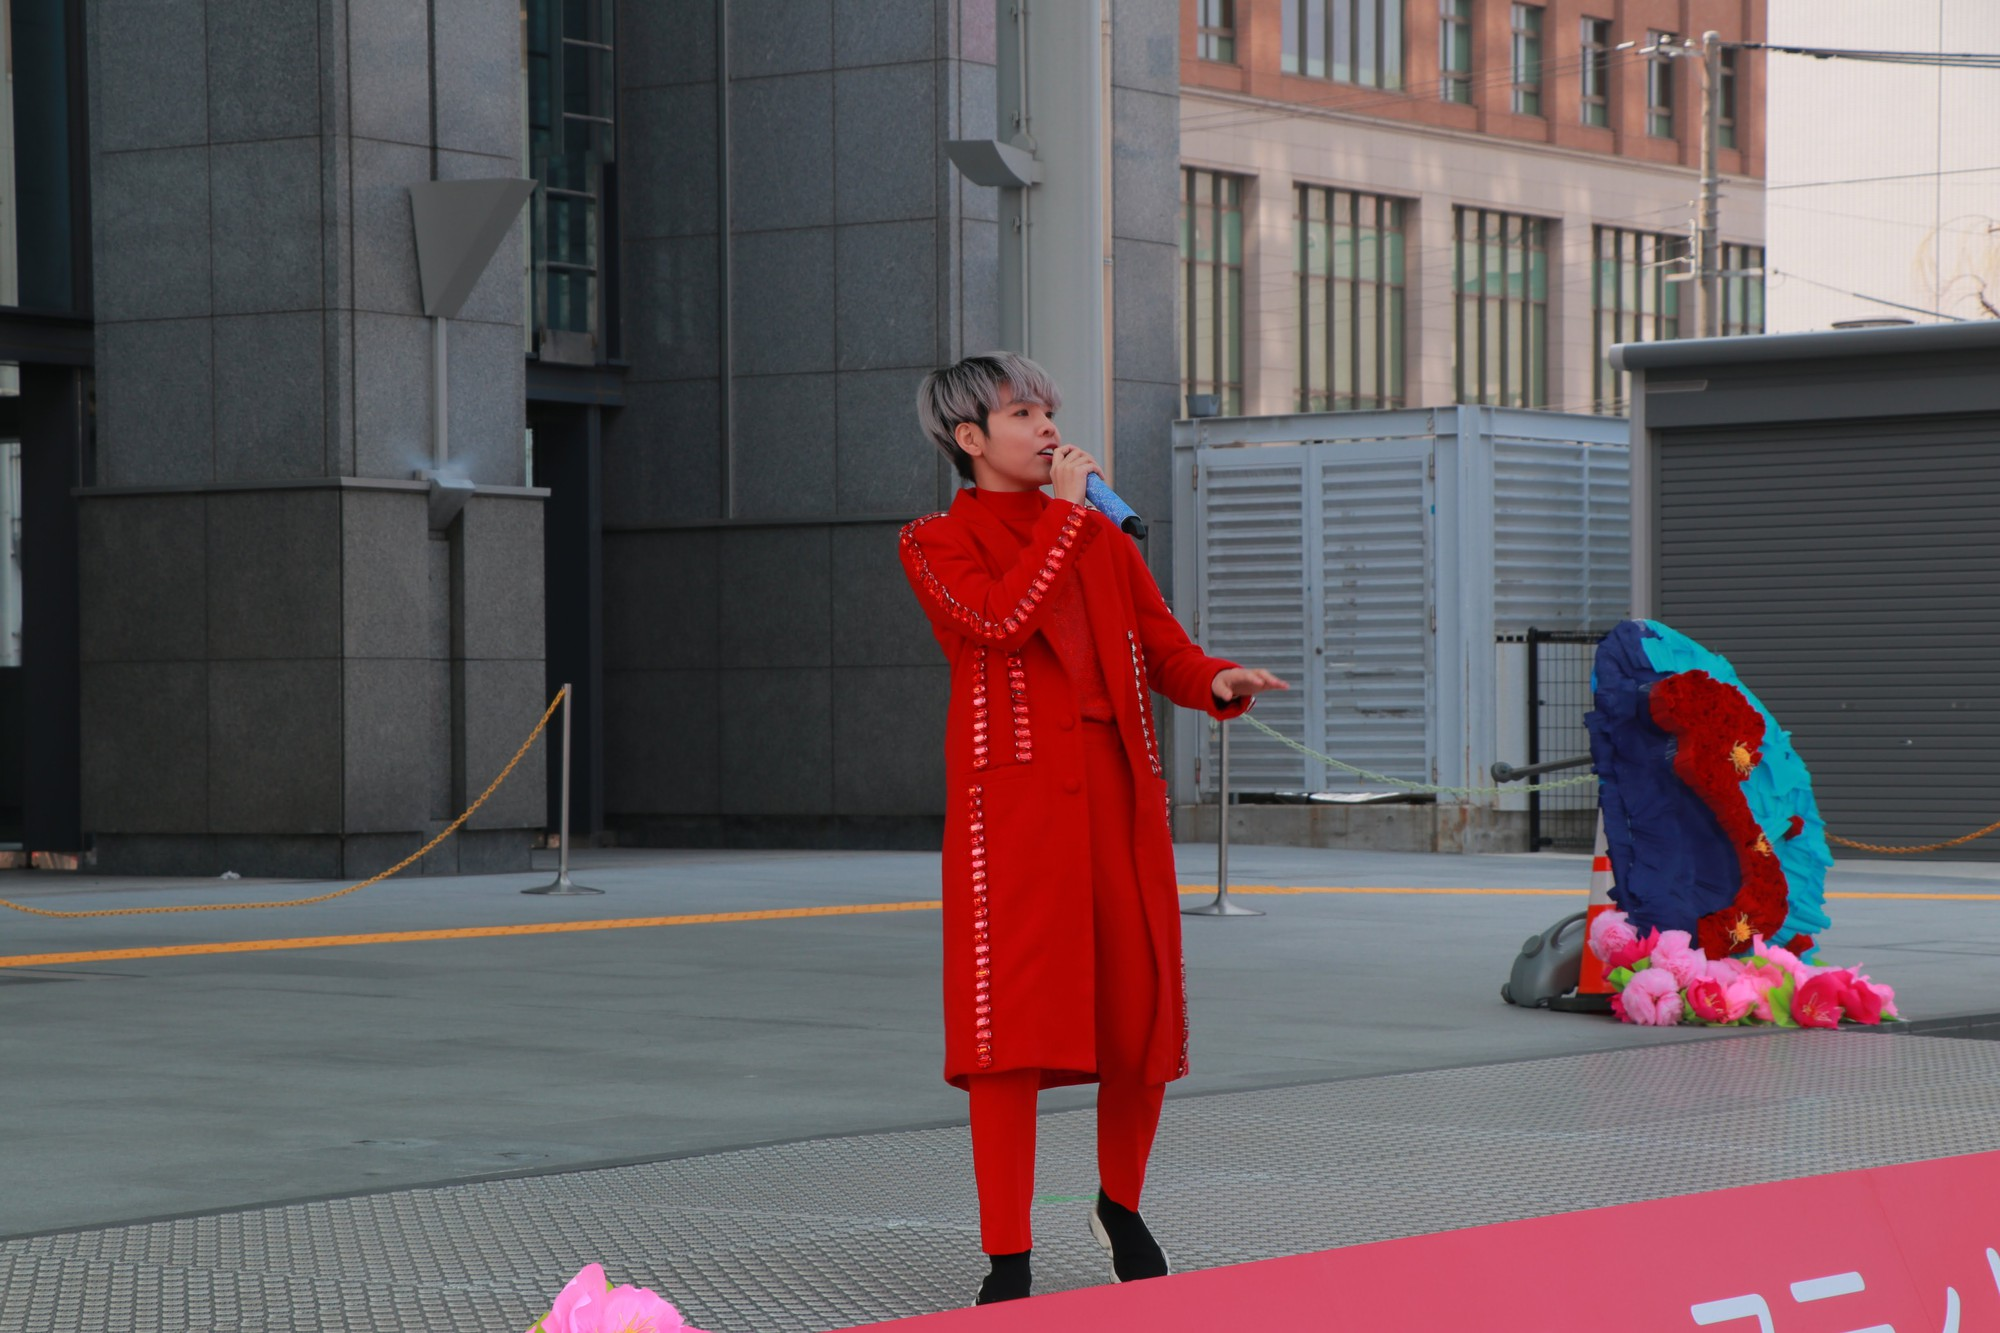 Vũ Cát Tường đến Nhật, quậy tưng bừng cùng du học sinh tại Lễ hội văn hóa Việt Nam 2018 - Ảnh 3.